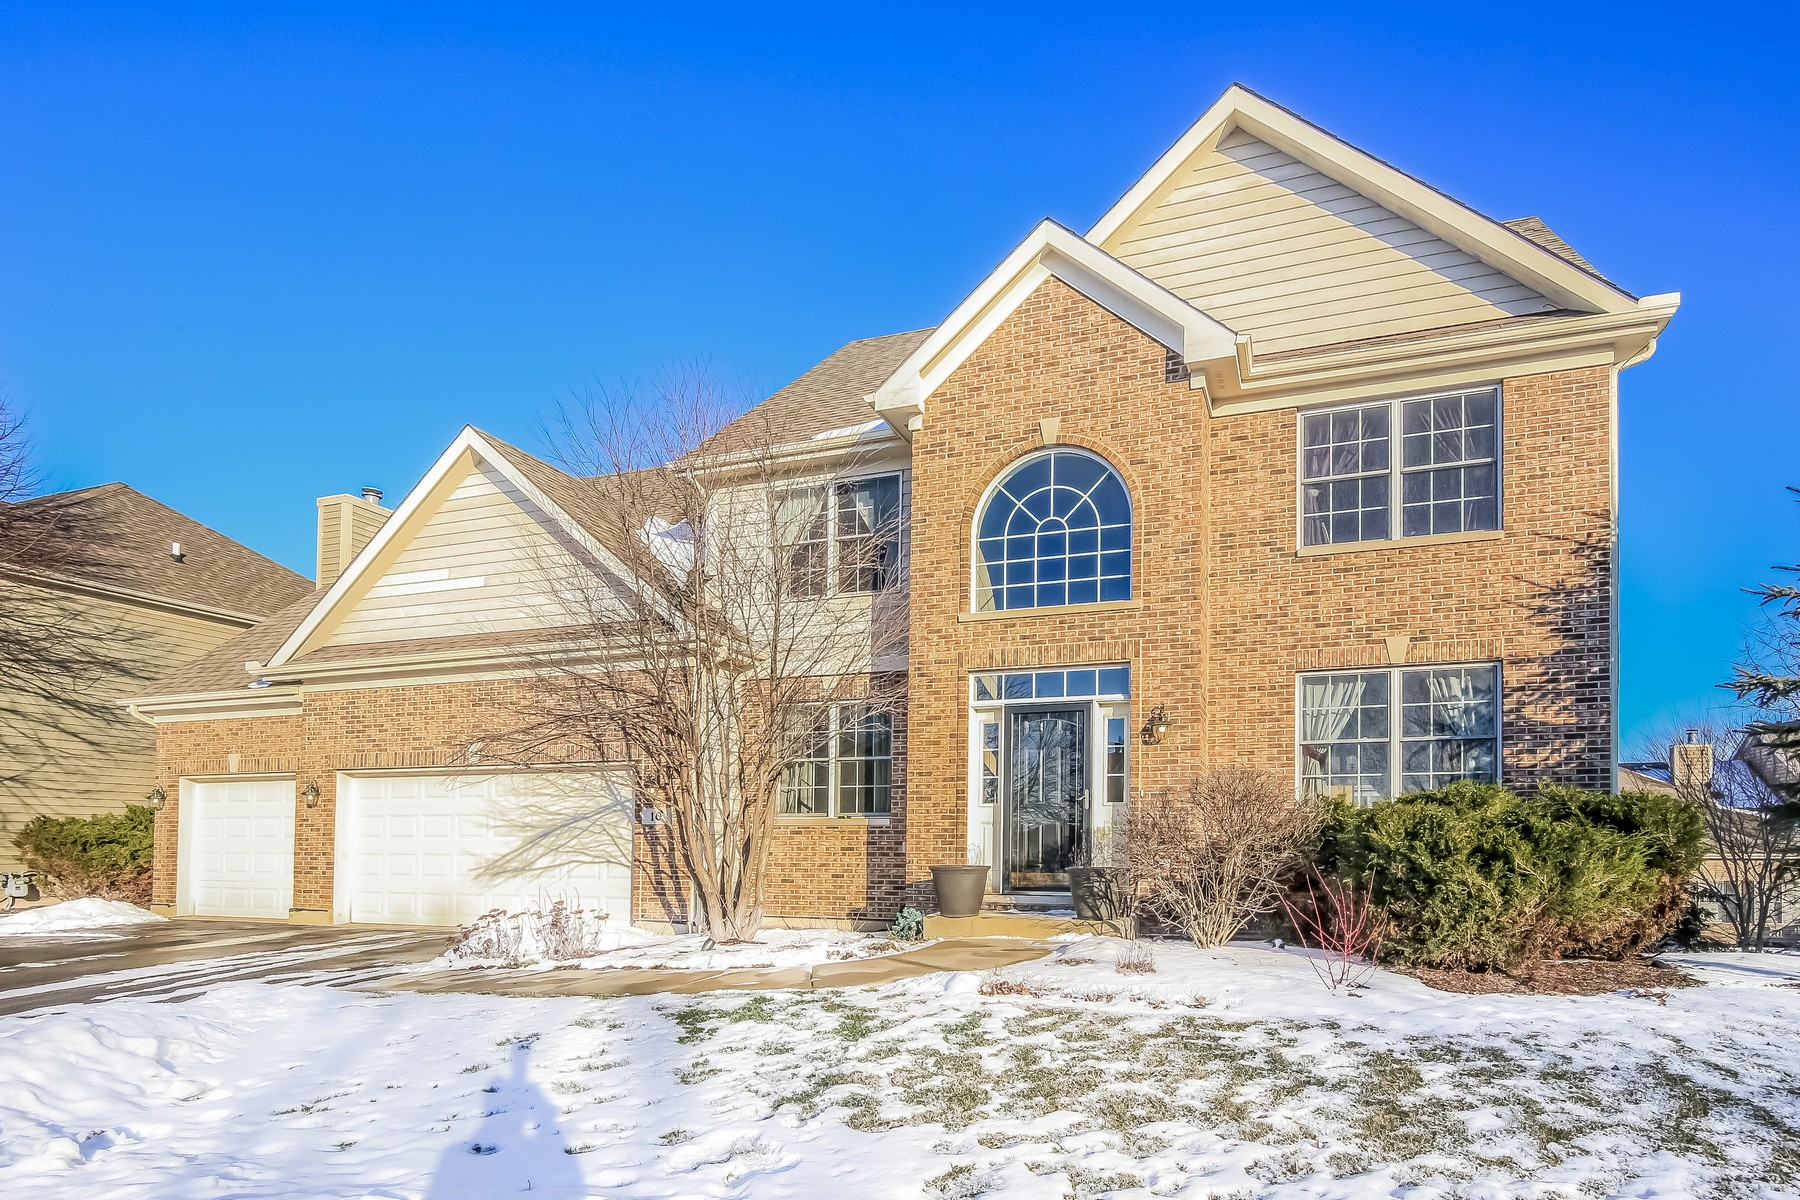 Casa Unifamiliar por un Venta en GOLF COMMUNITY 10 Point O Woods Court Lake In The Hills, Illinois 60156 Estados Unidos